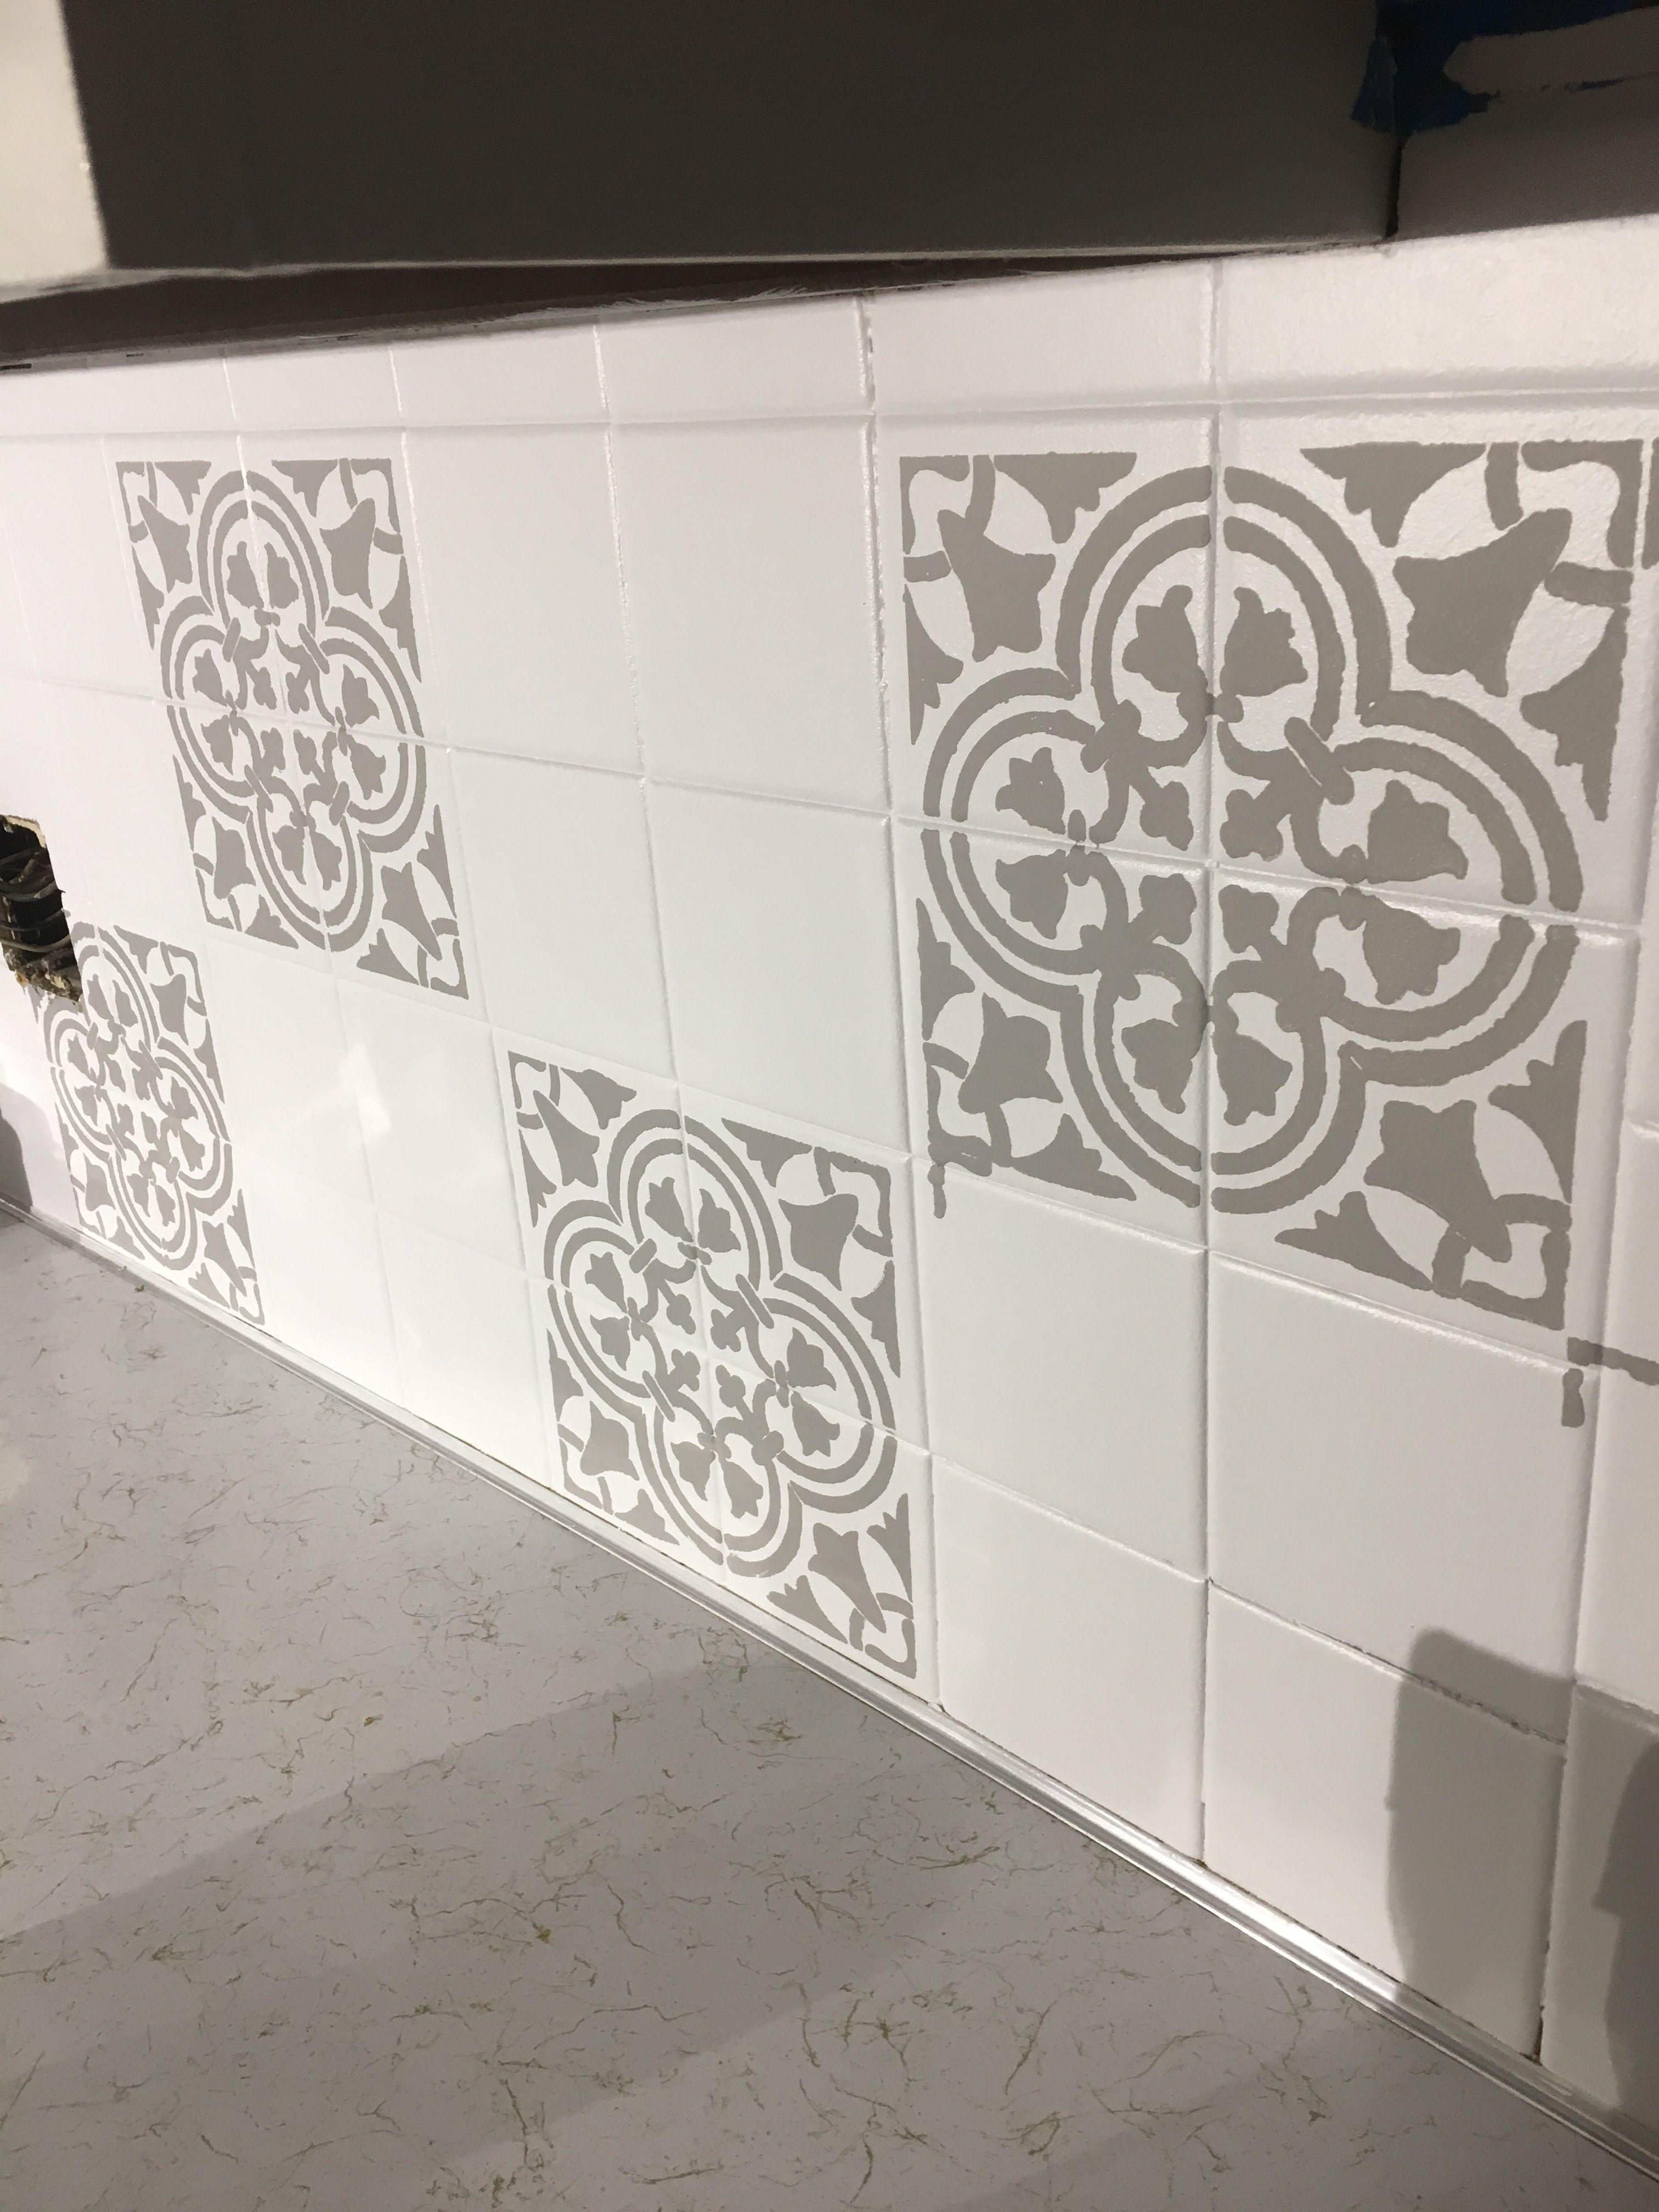 Polanka Tile Stencil Tiles Patchwork Tiles Diy Wall Decor